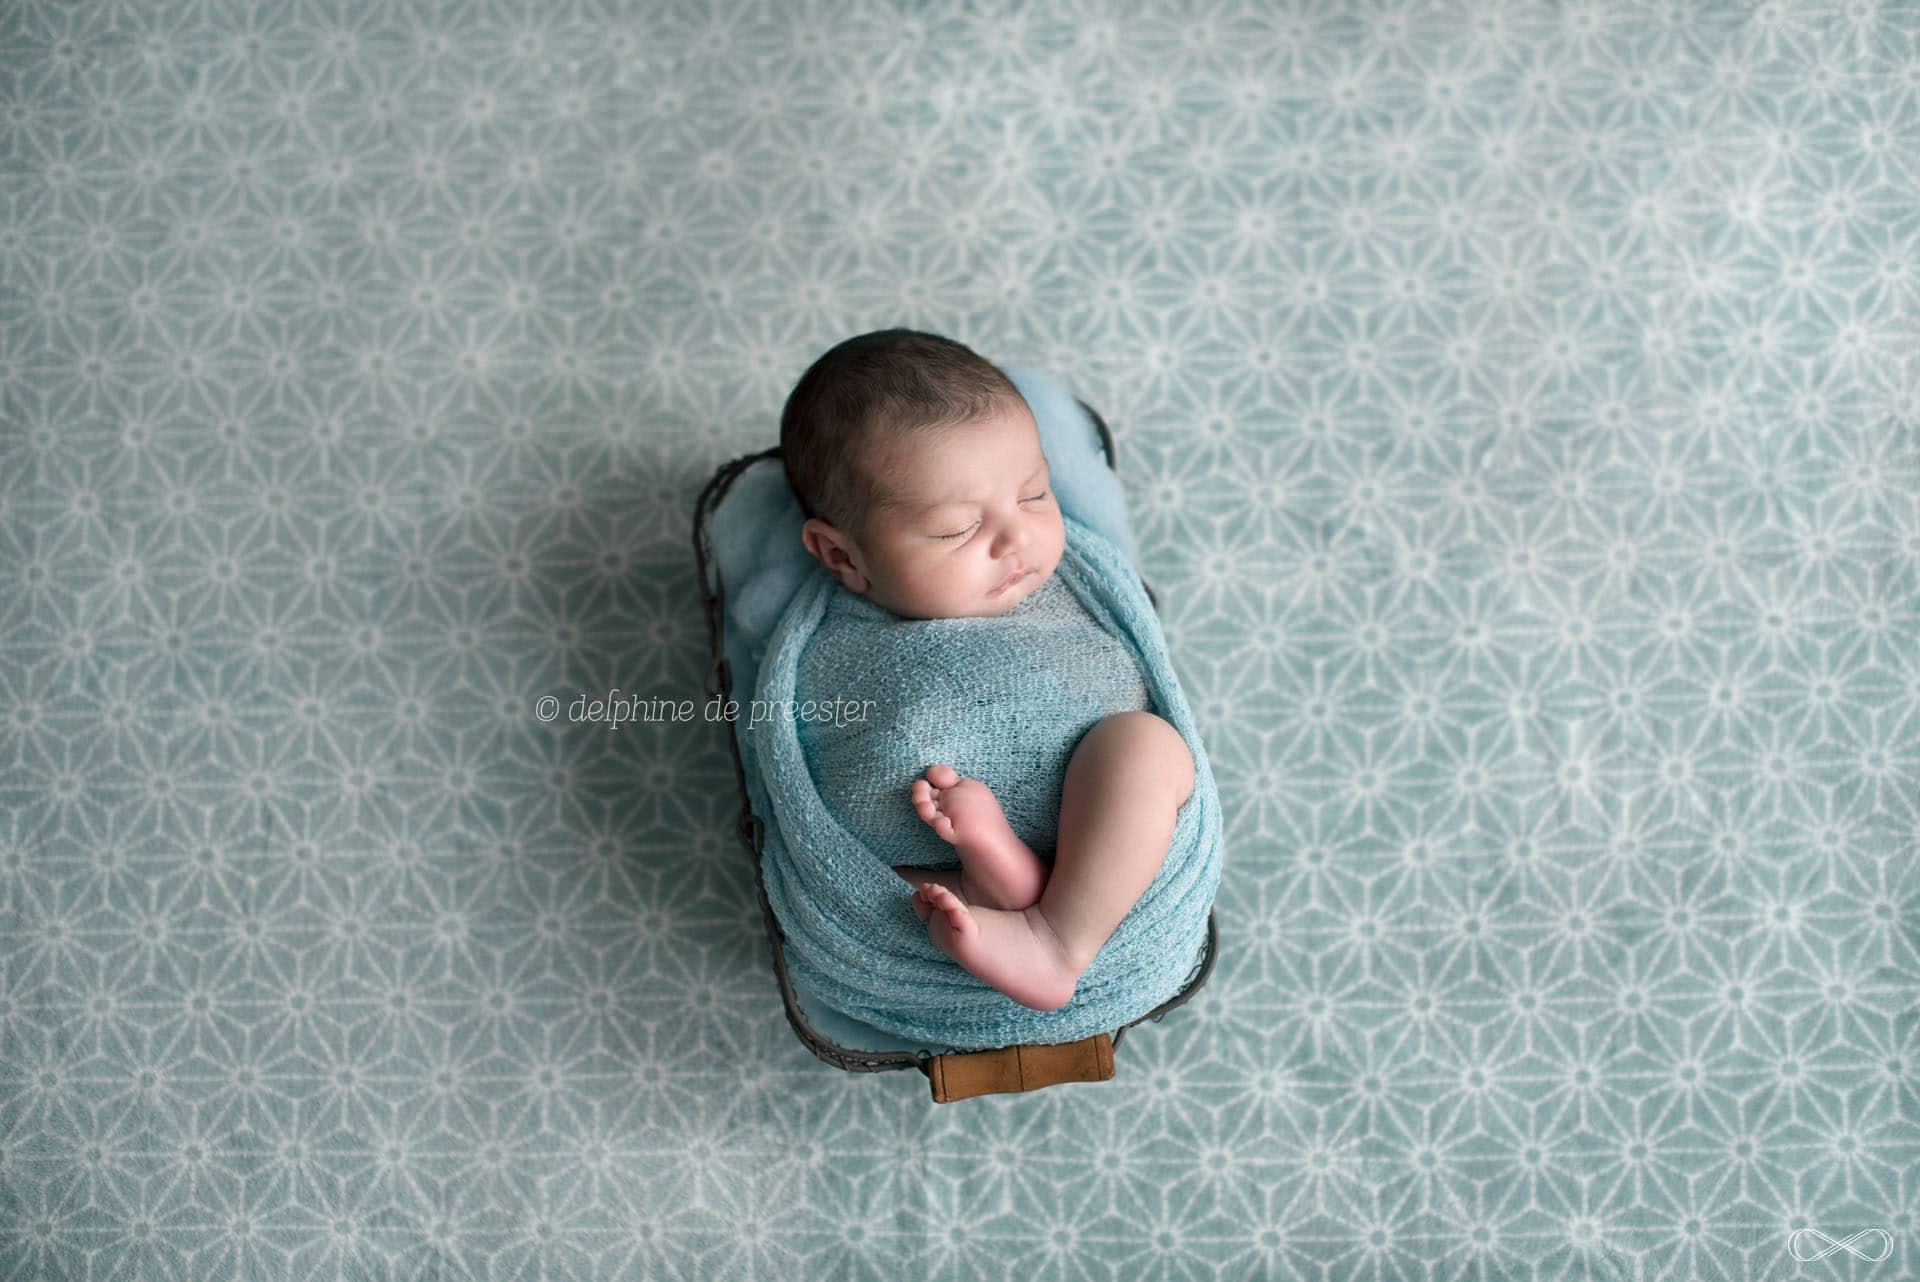 bébé emmailloté avec plaid étoile